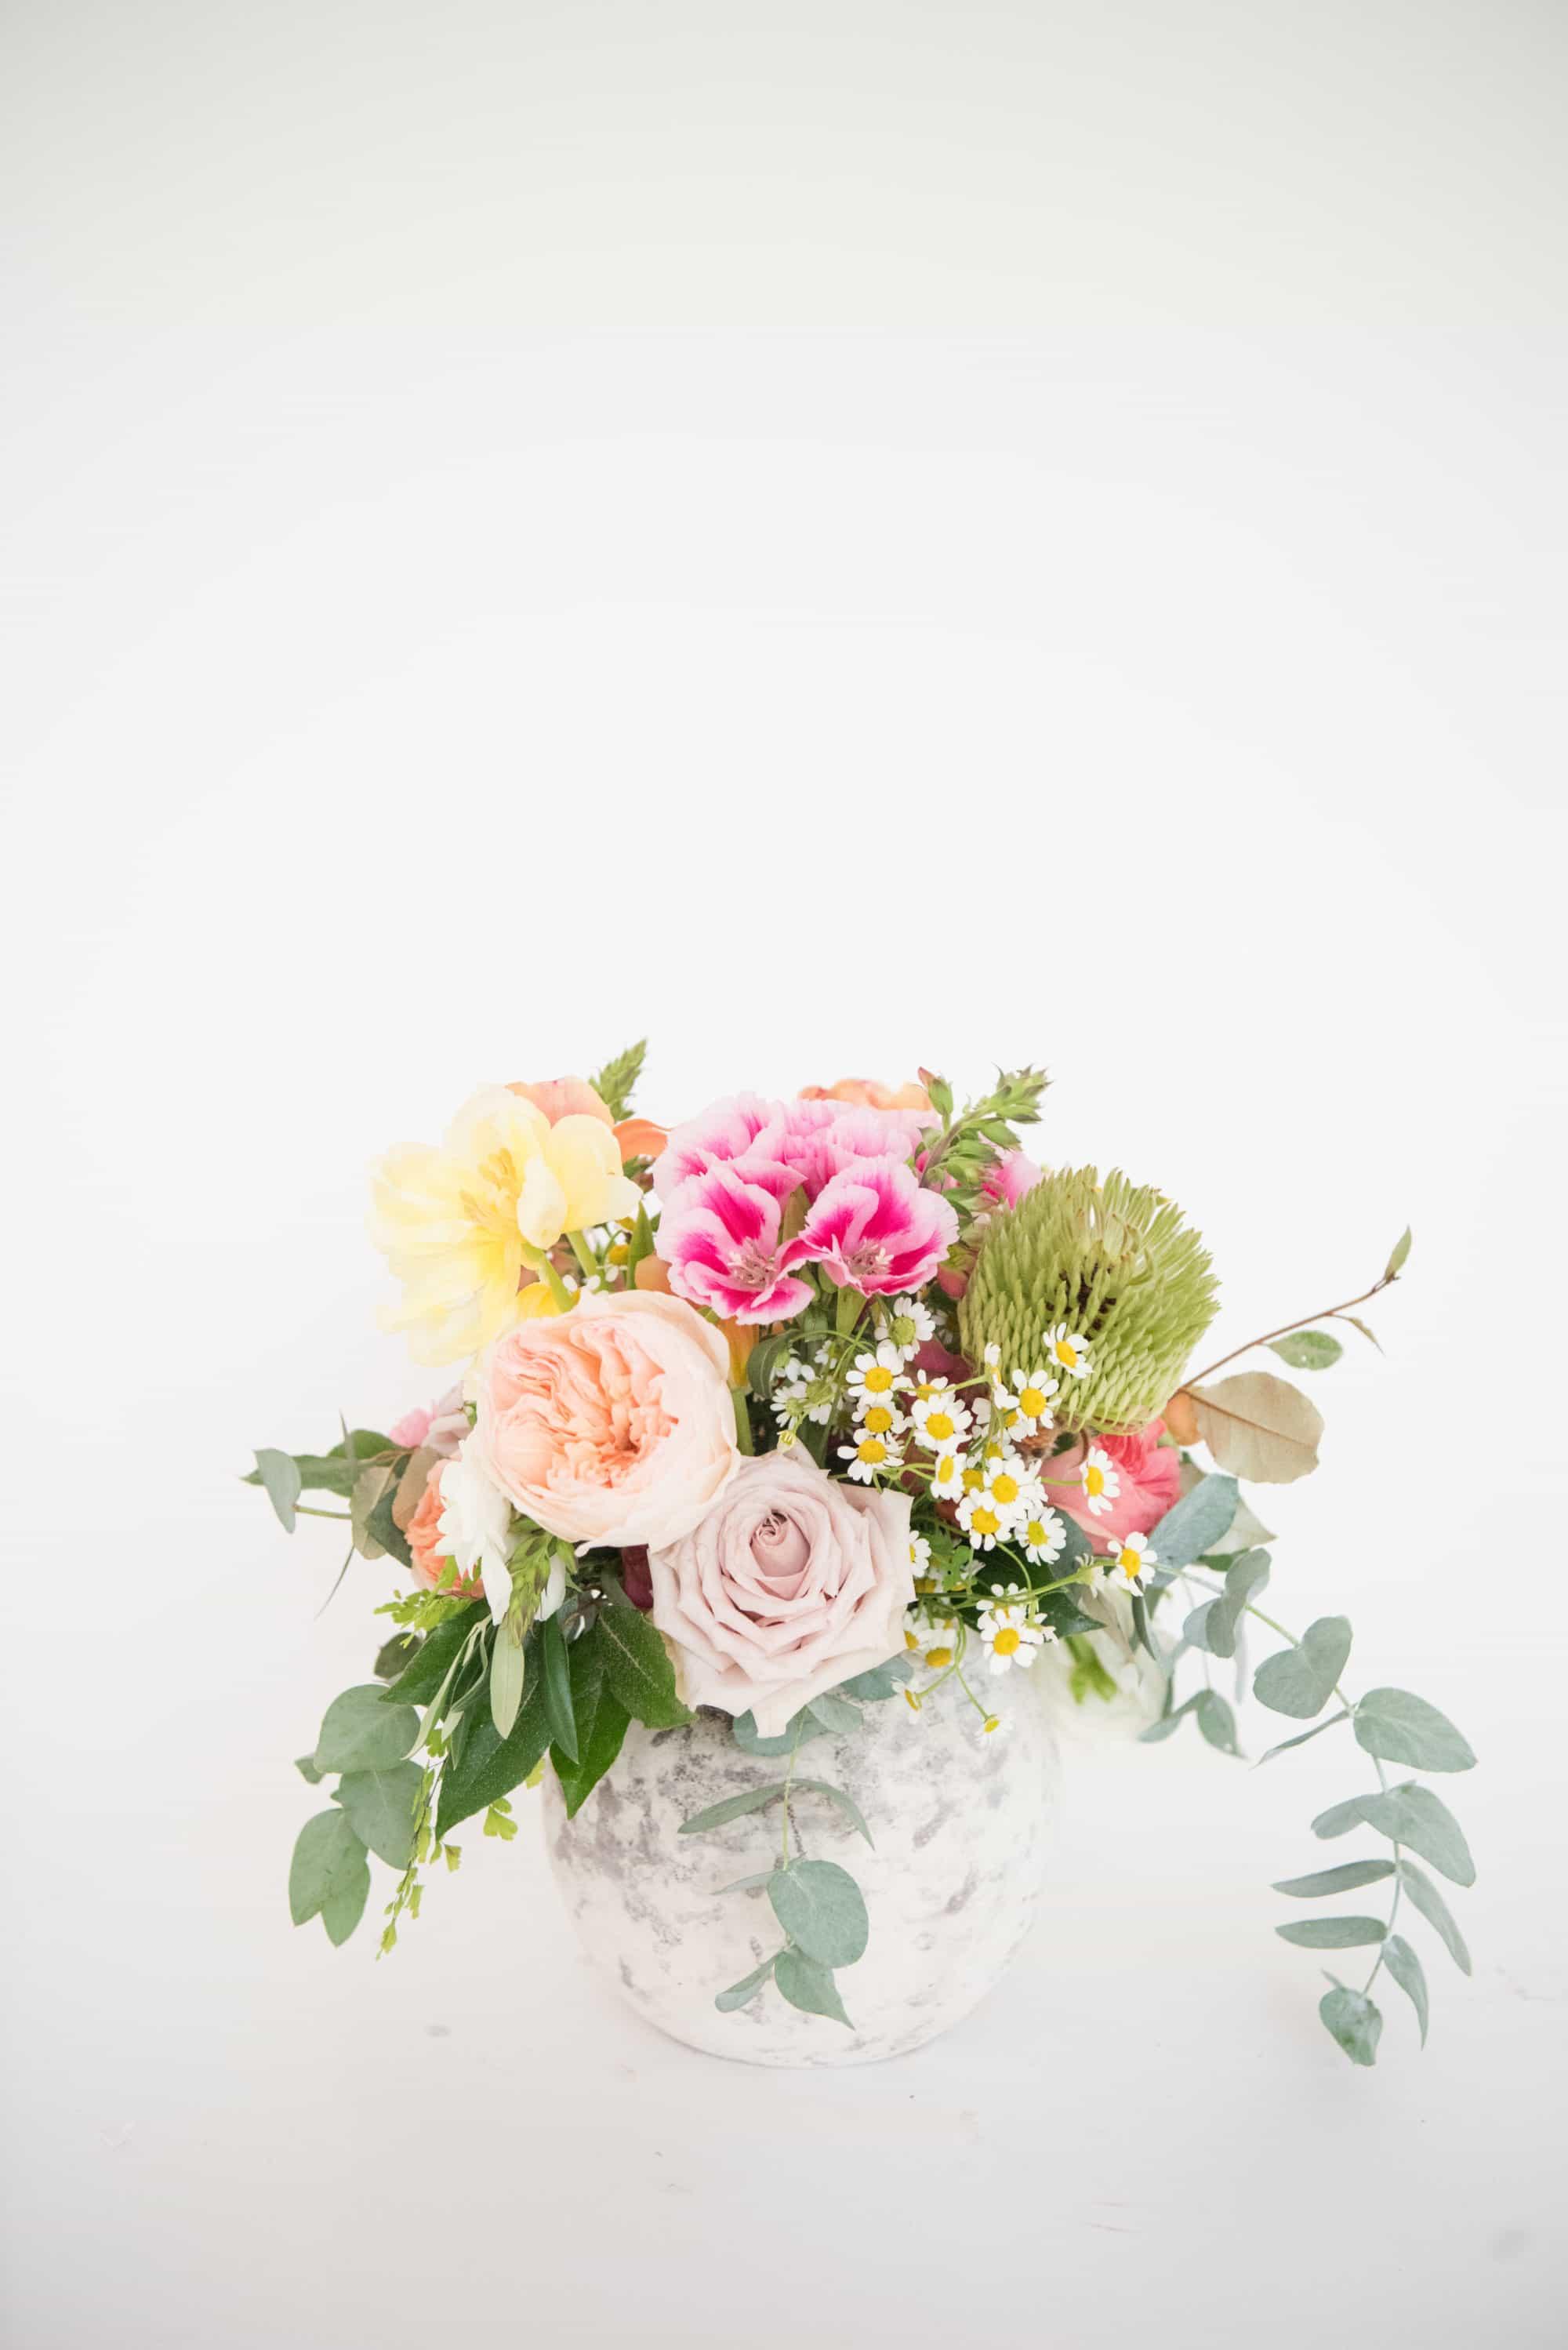 garden style arrangements for retail florists